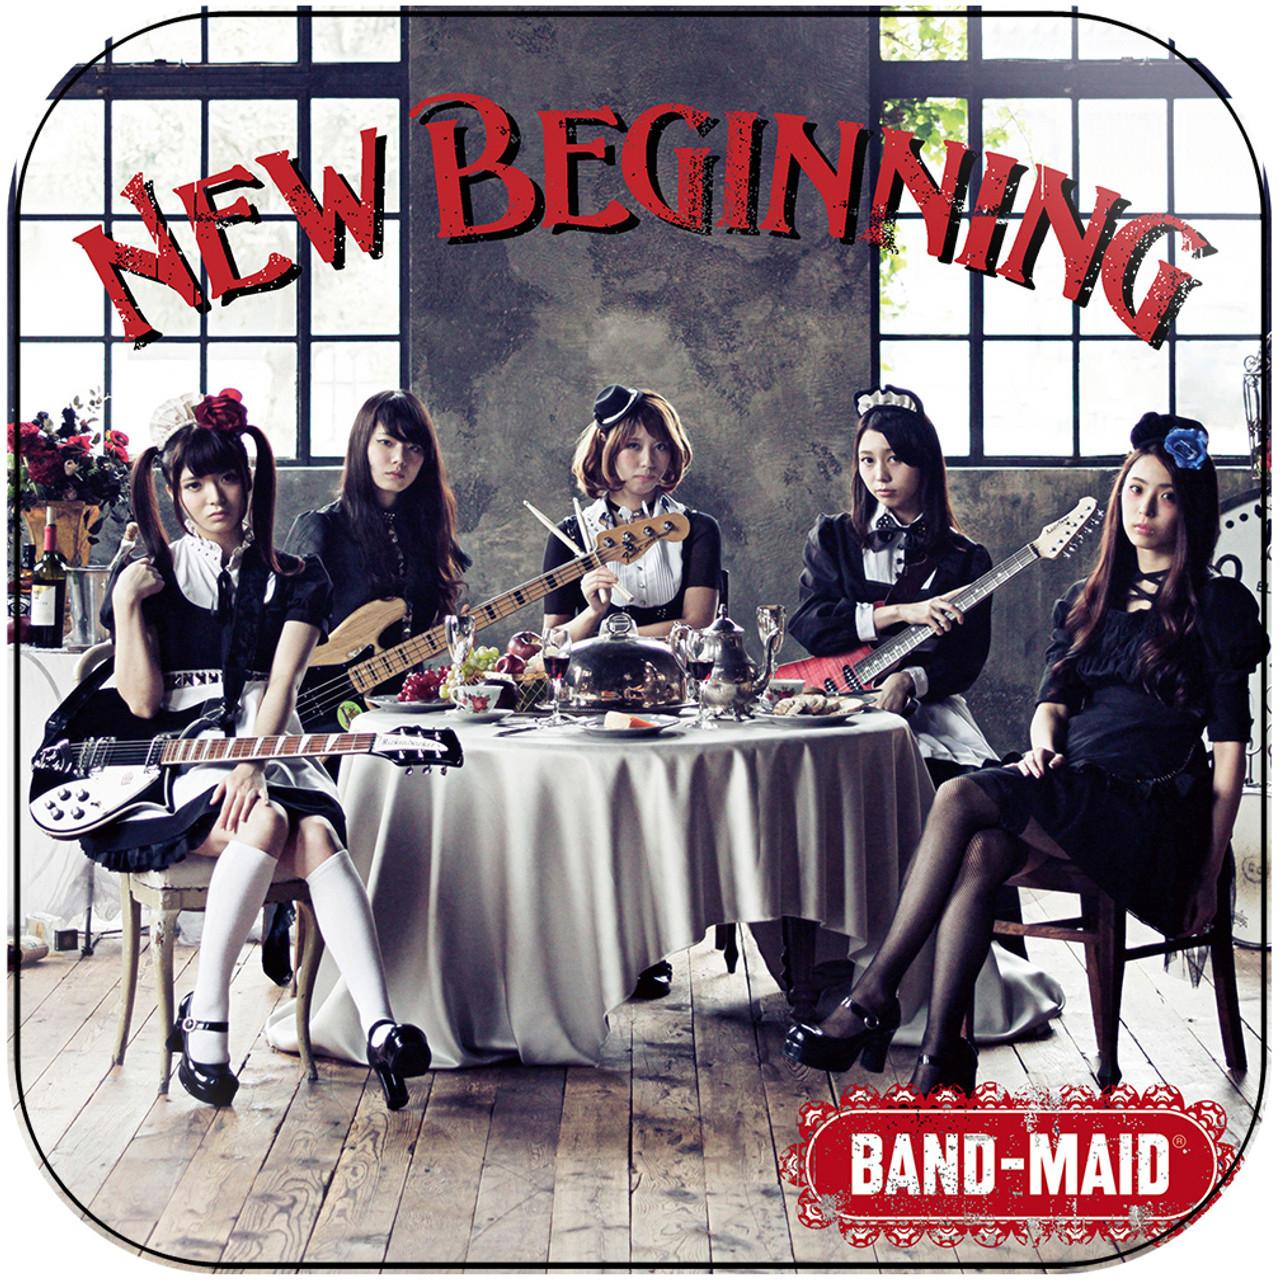 Band maid figli della stessa rabbia album cover sticker album cover sticker